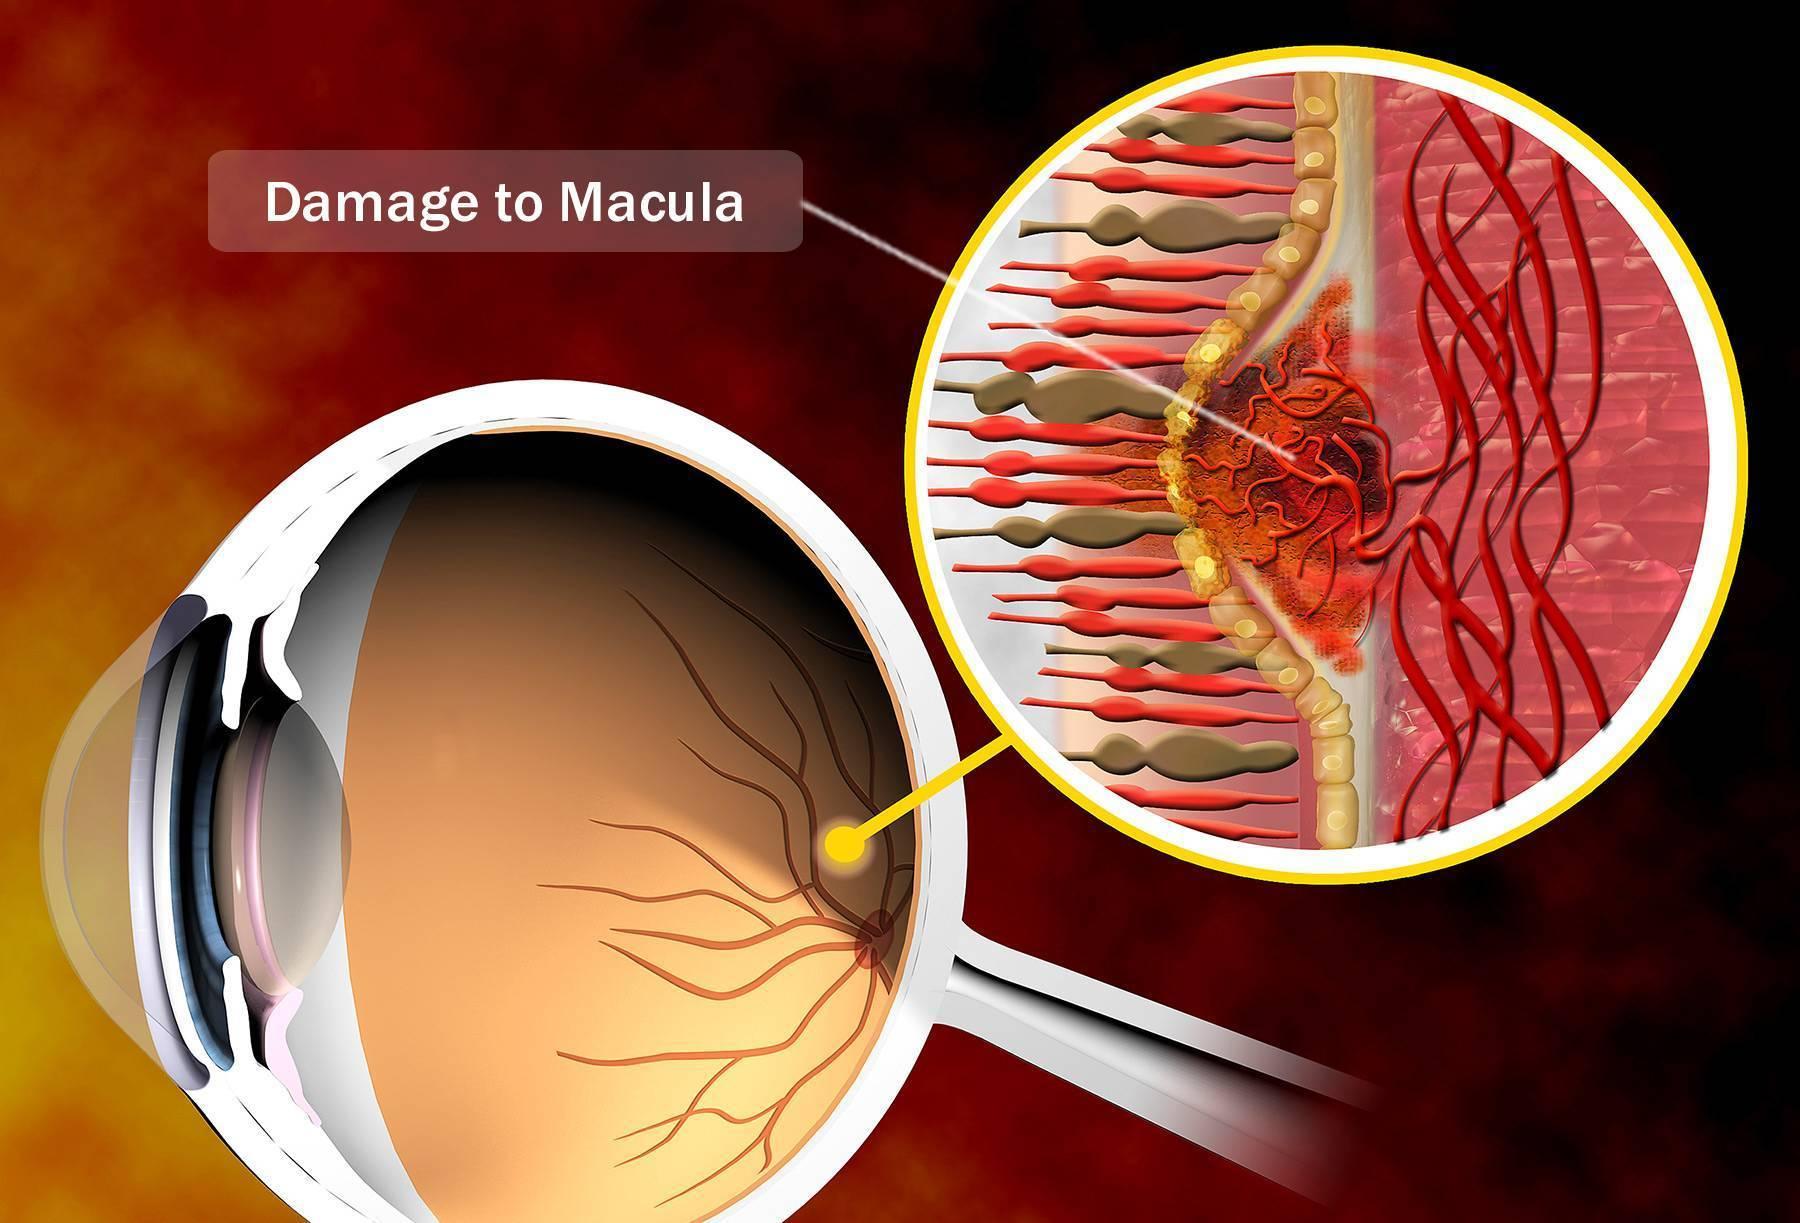 капли при макулодистрофии сетчатки глаза